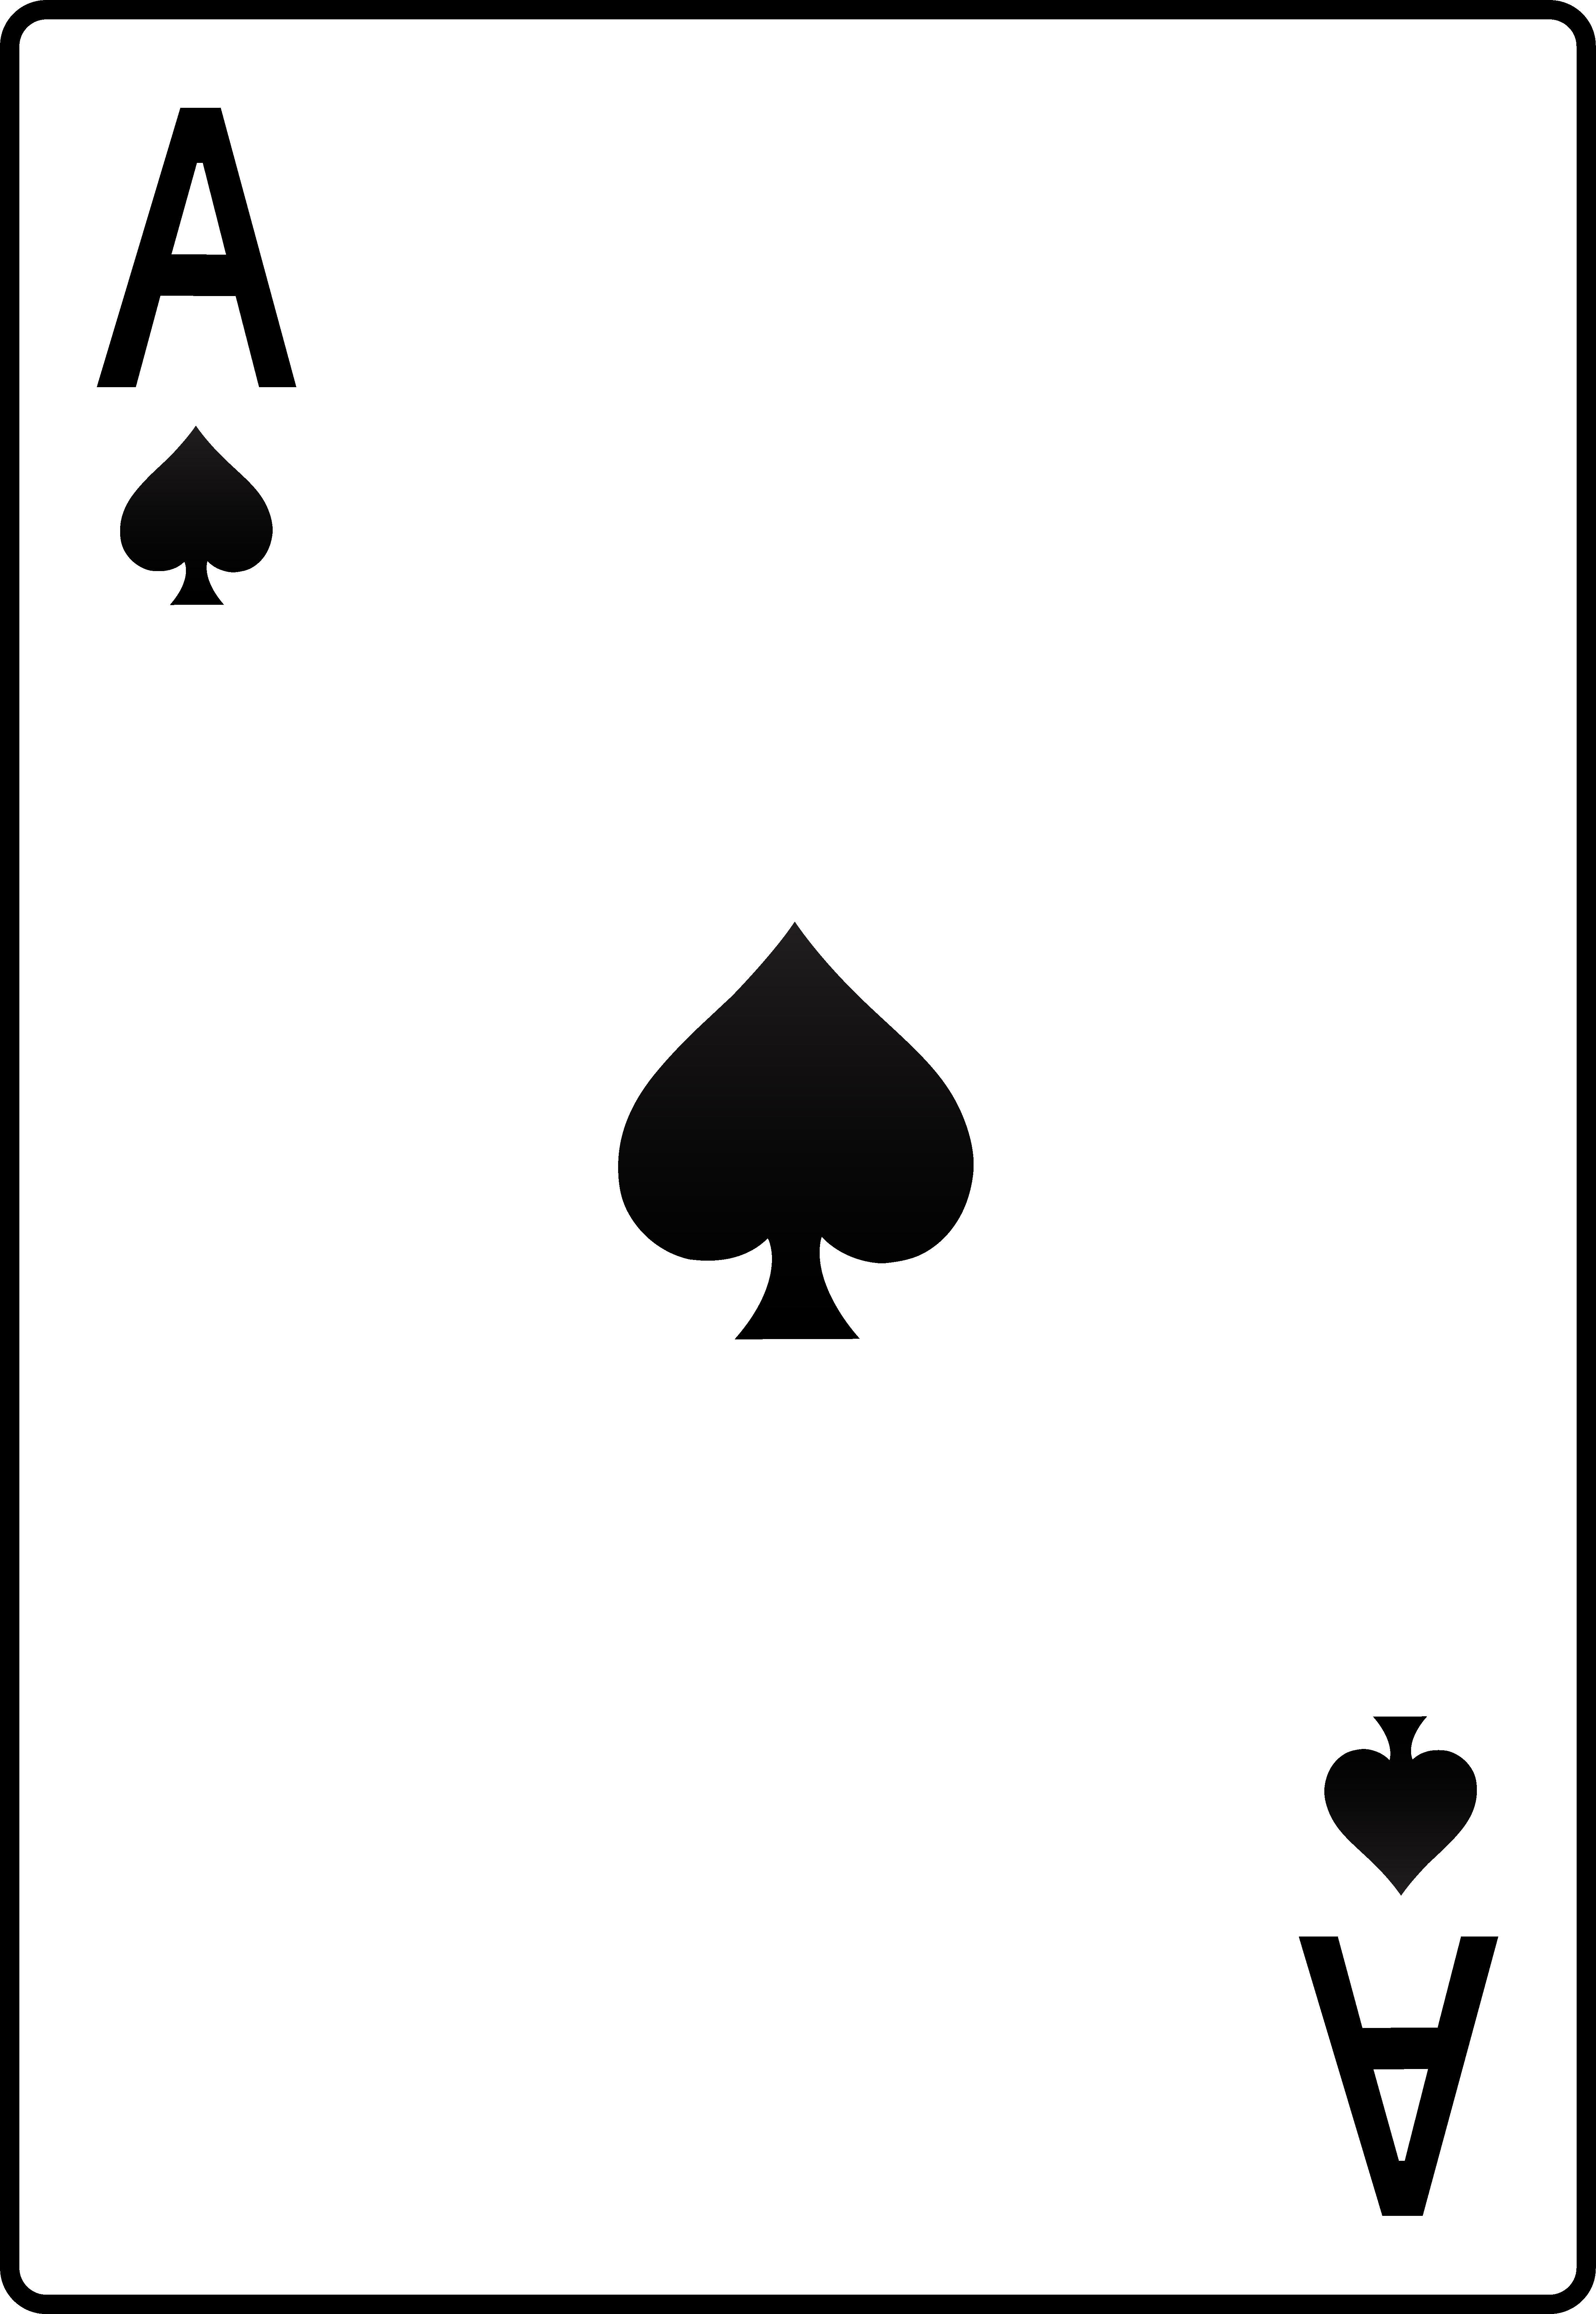 Spade Cliparts